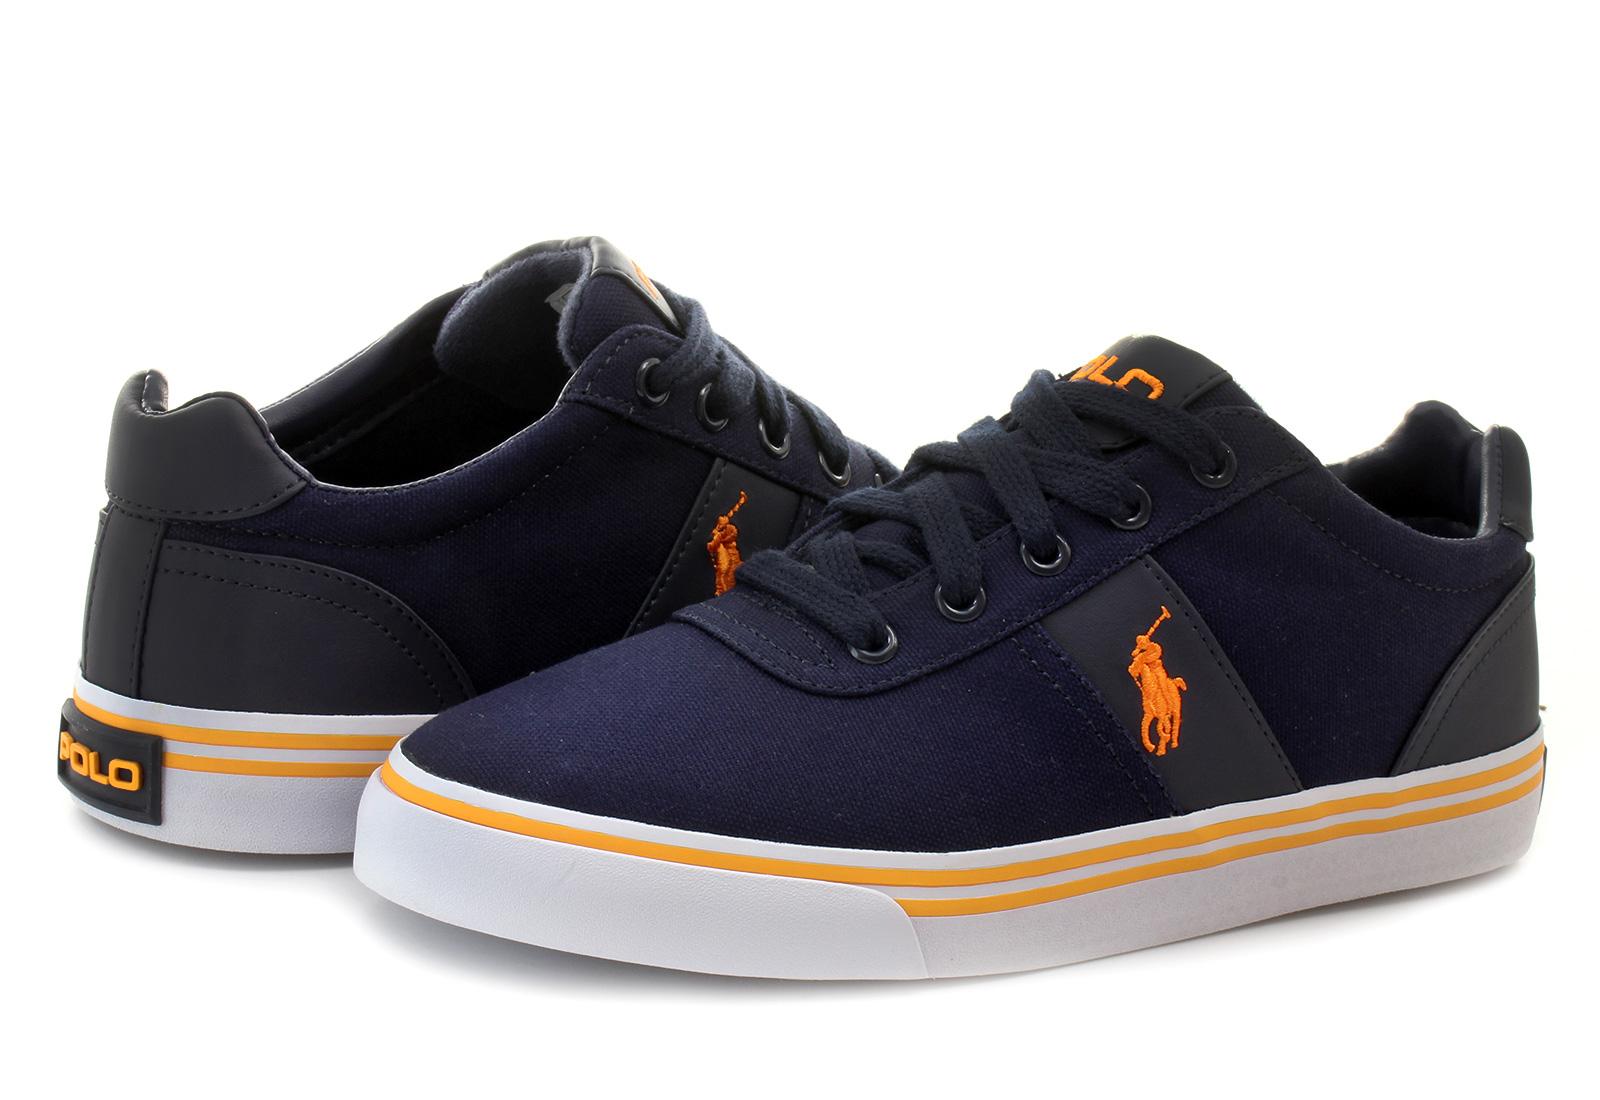 Polo Ralph Lauren Shoes - Hanford - 221-c-w4s58 - Online shop for ... fe11d6c5050